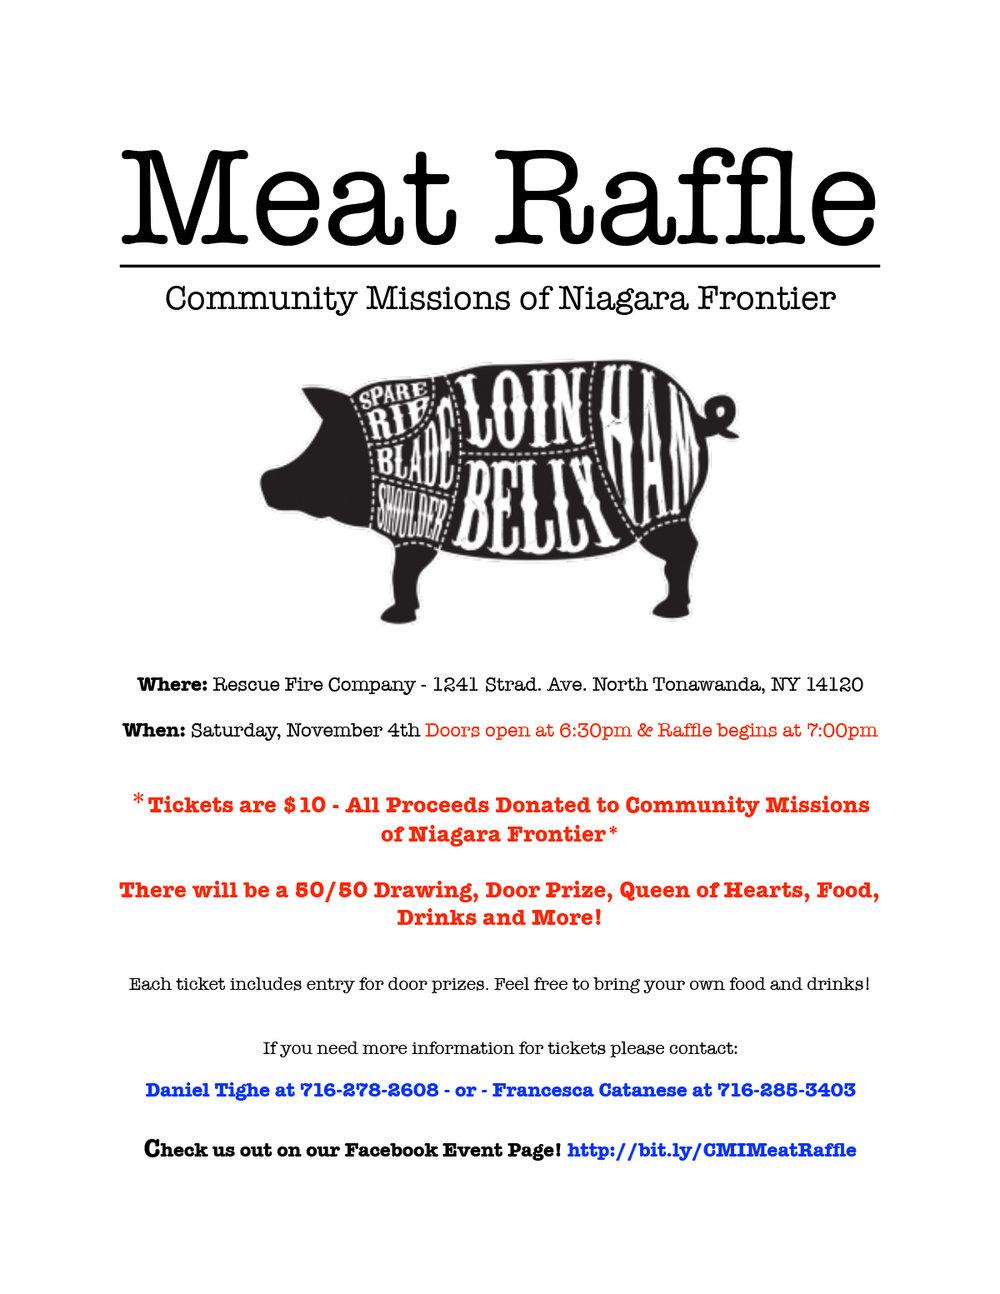 Meat Raffle Flyer Revised.jpg